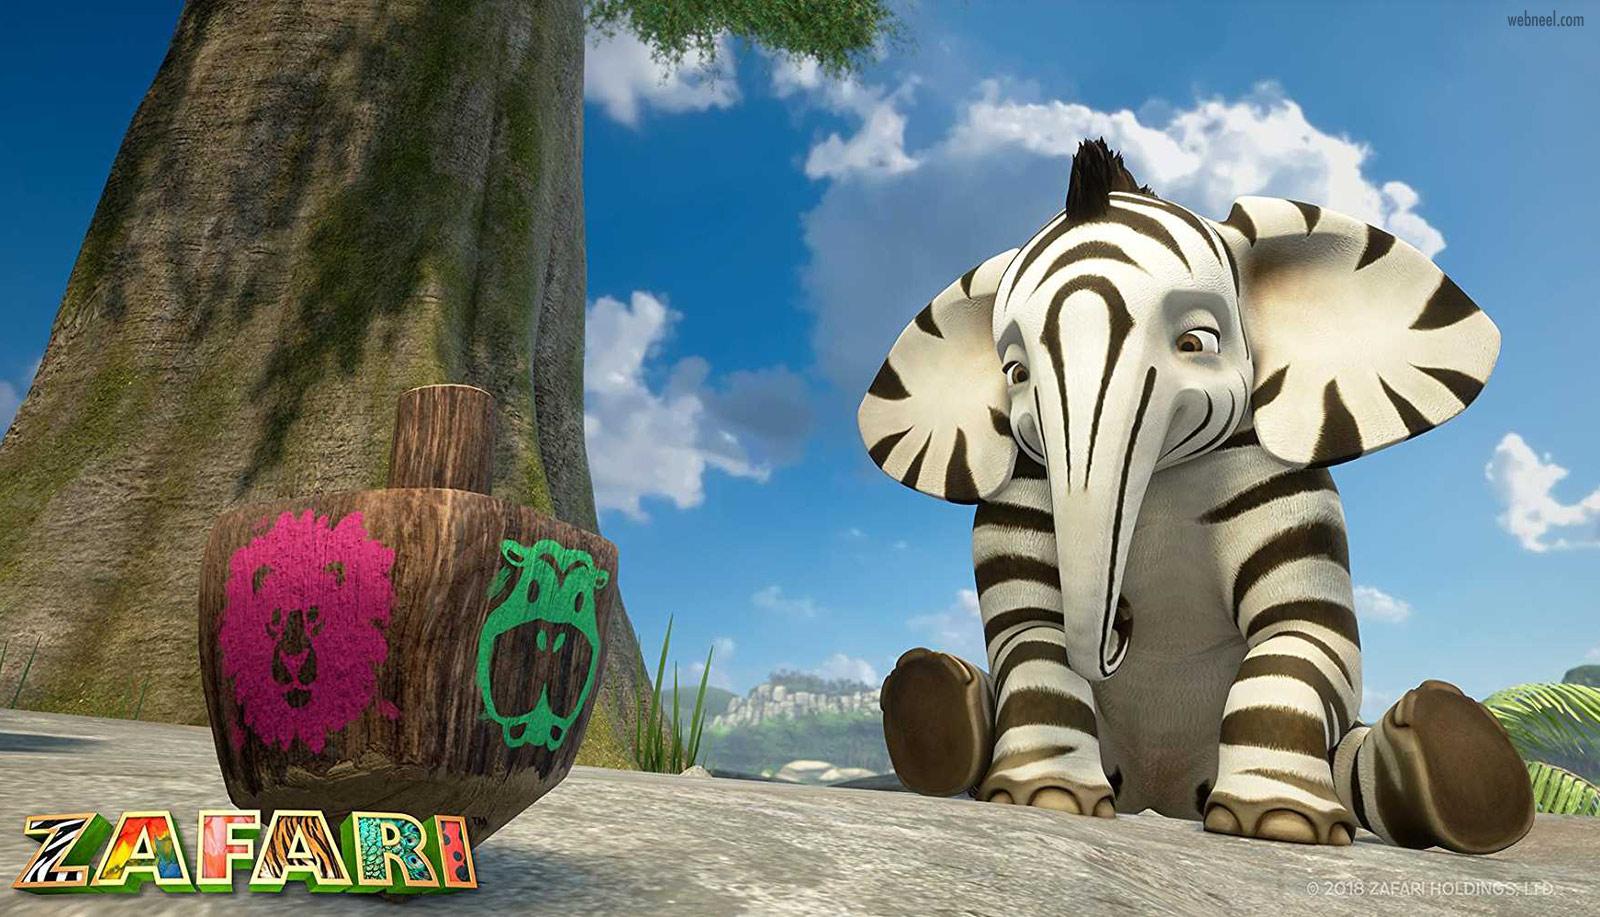 3d animation cartoon animals zafari by david dozoretz